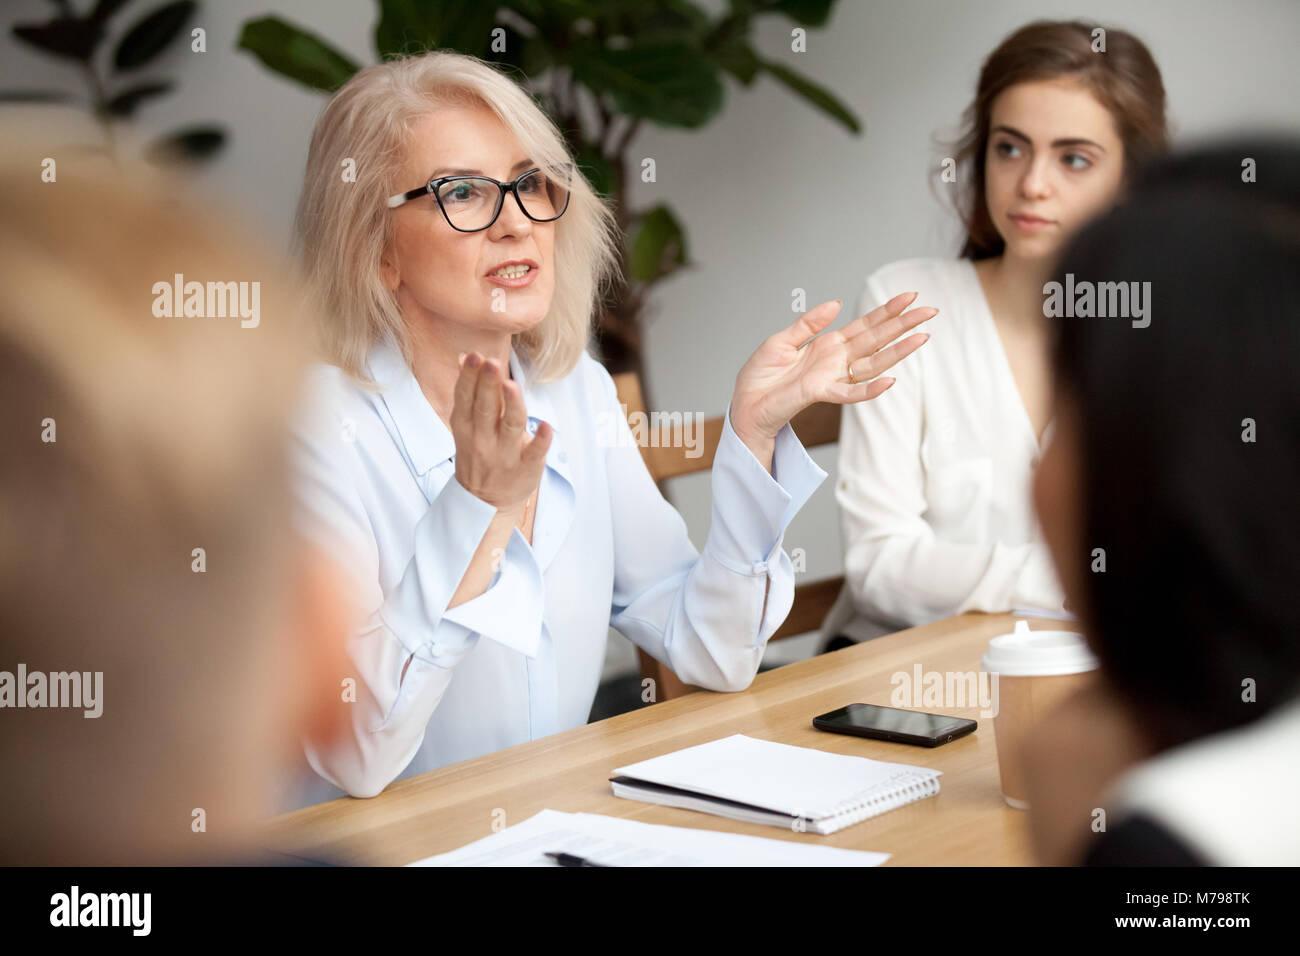 Anciano empresaria, profesor o coach empresarial hablando a los jóvenes Imagen De Stock